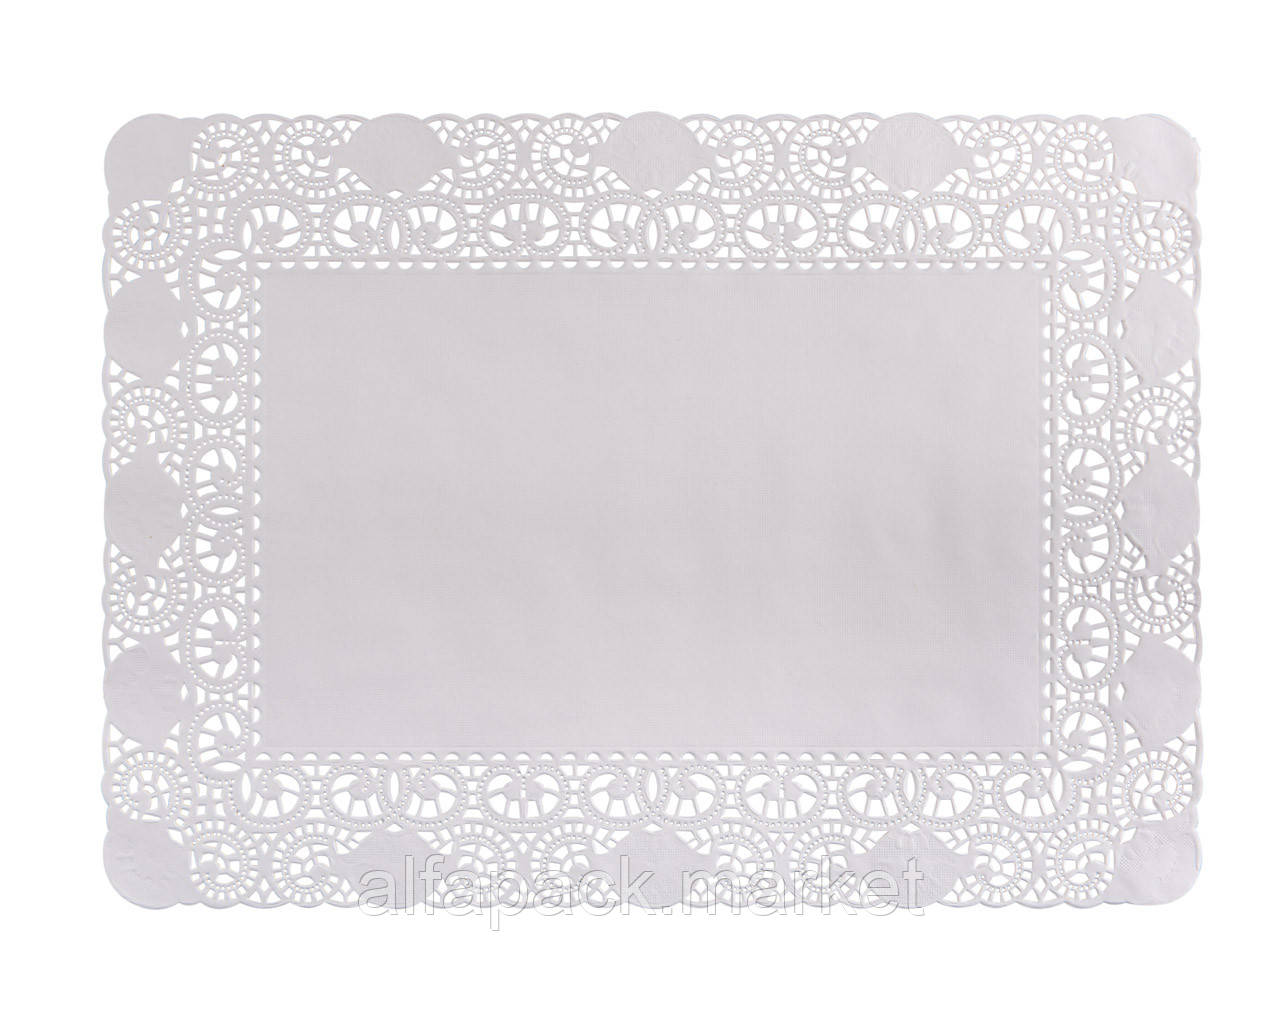 Прямоугольная ажурная салфетка 210*300 (100 шт в упаковке)